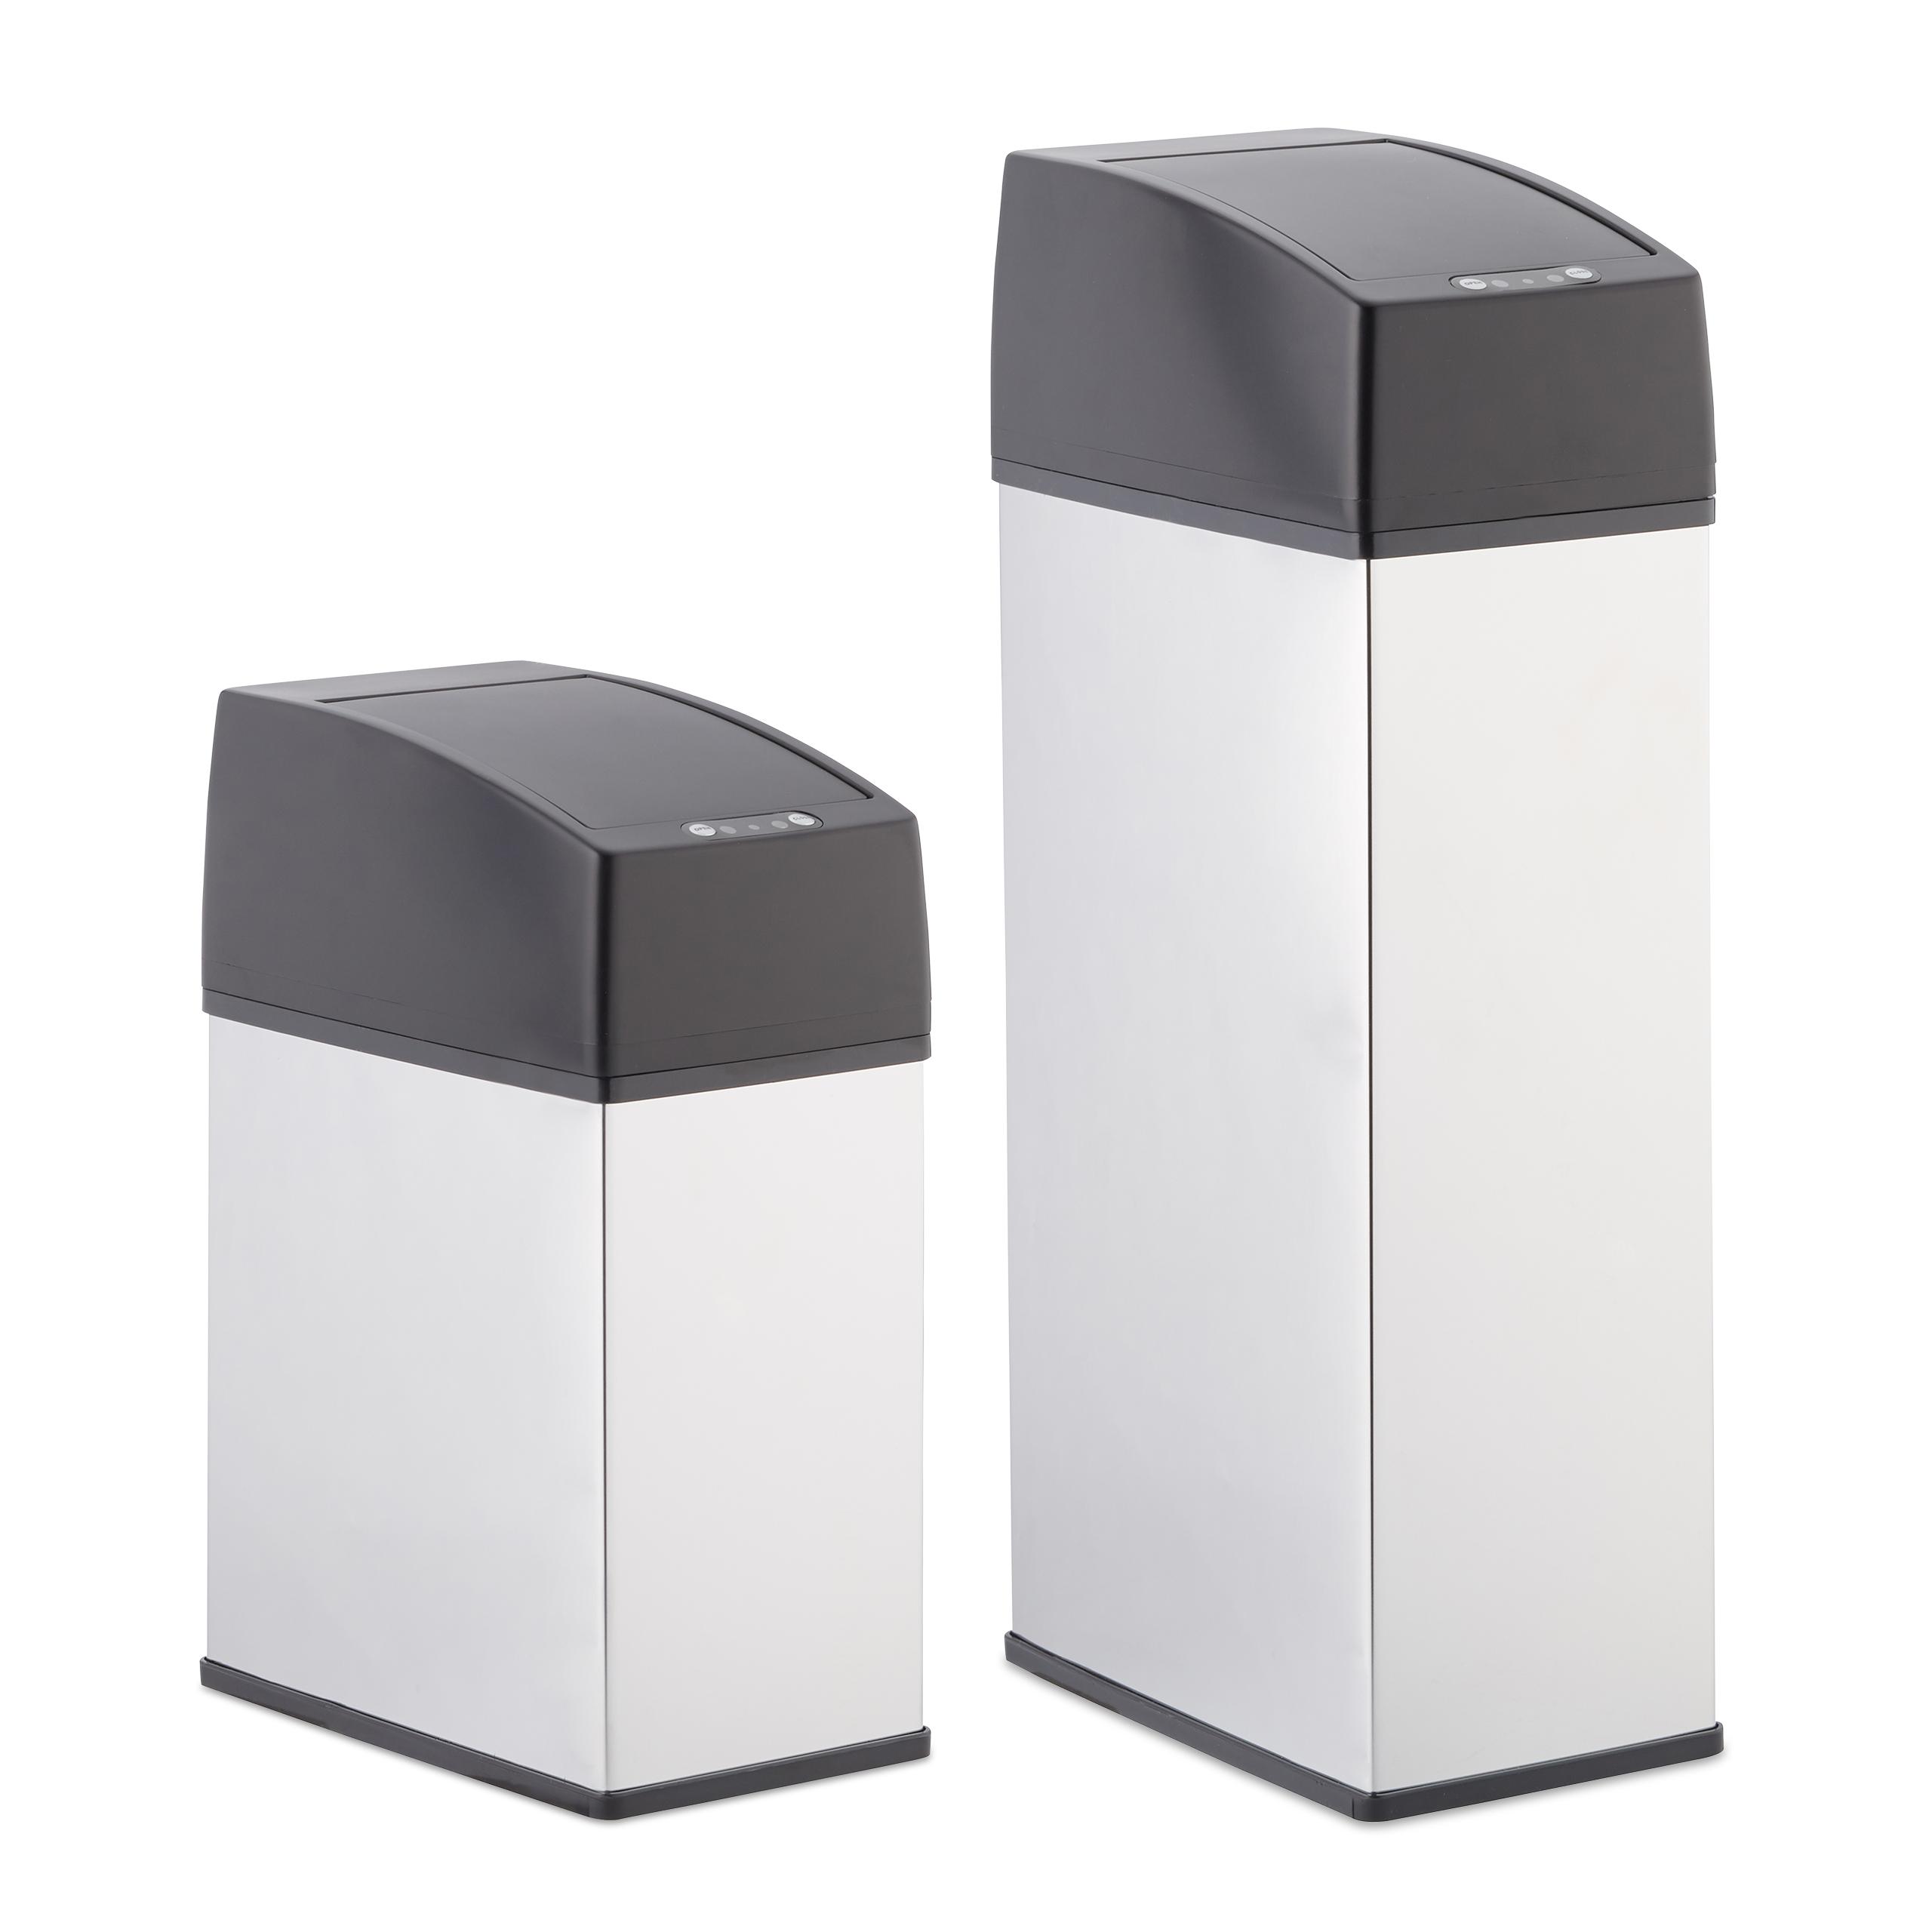 Sensor Mülleimer Edelstahl Abfallbehälter Abfalleimer